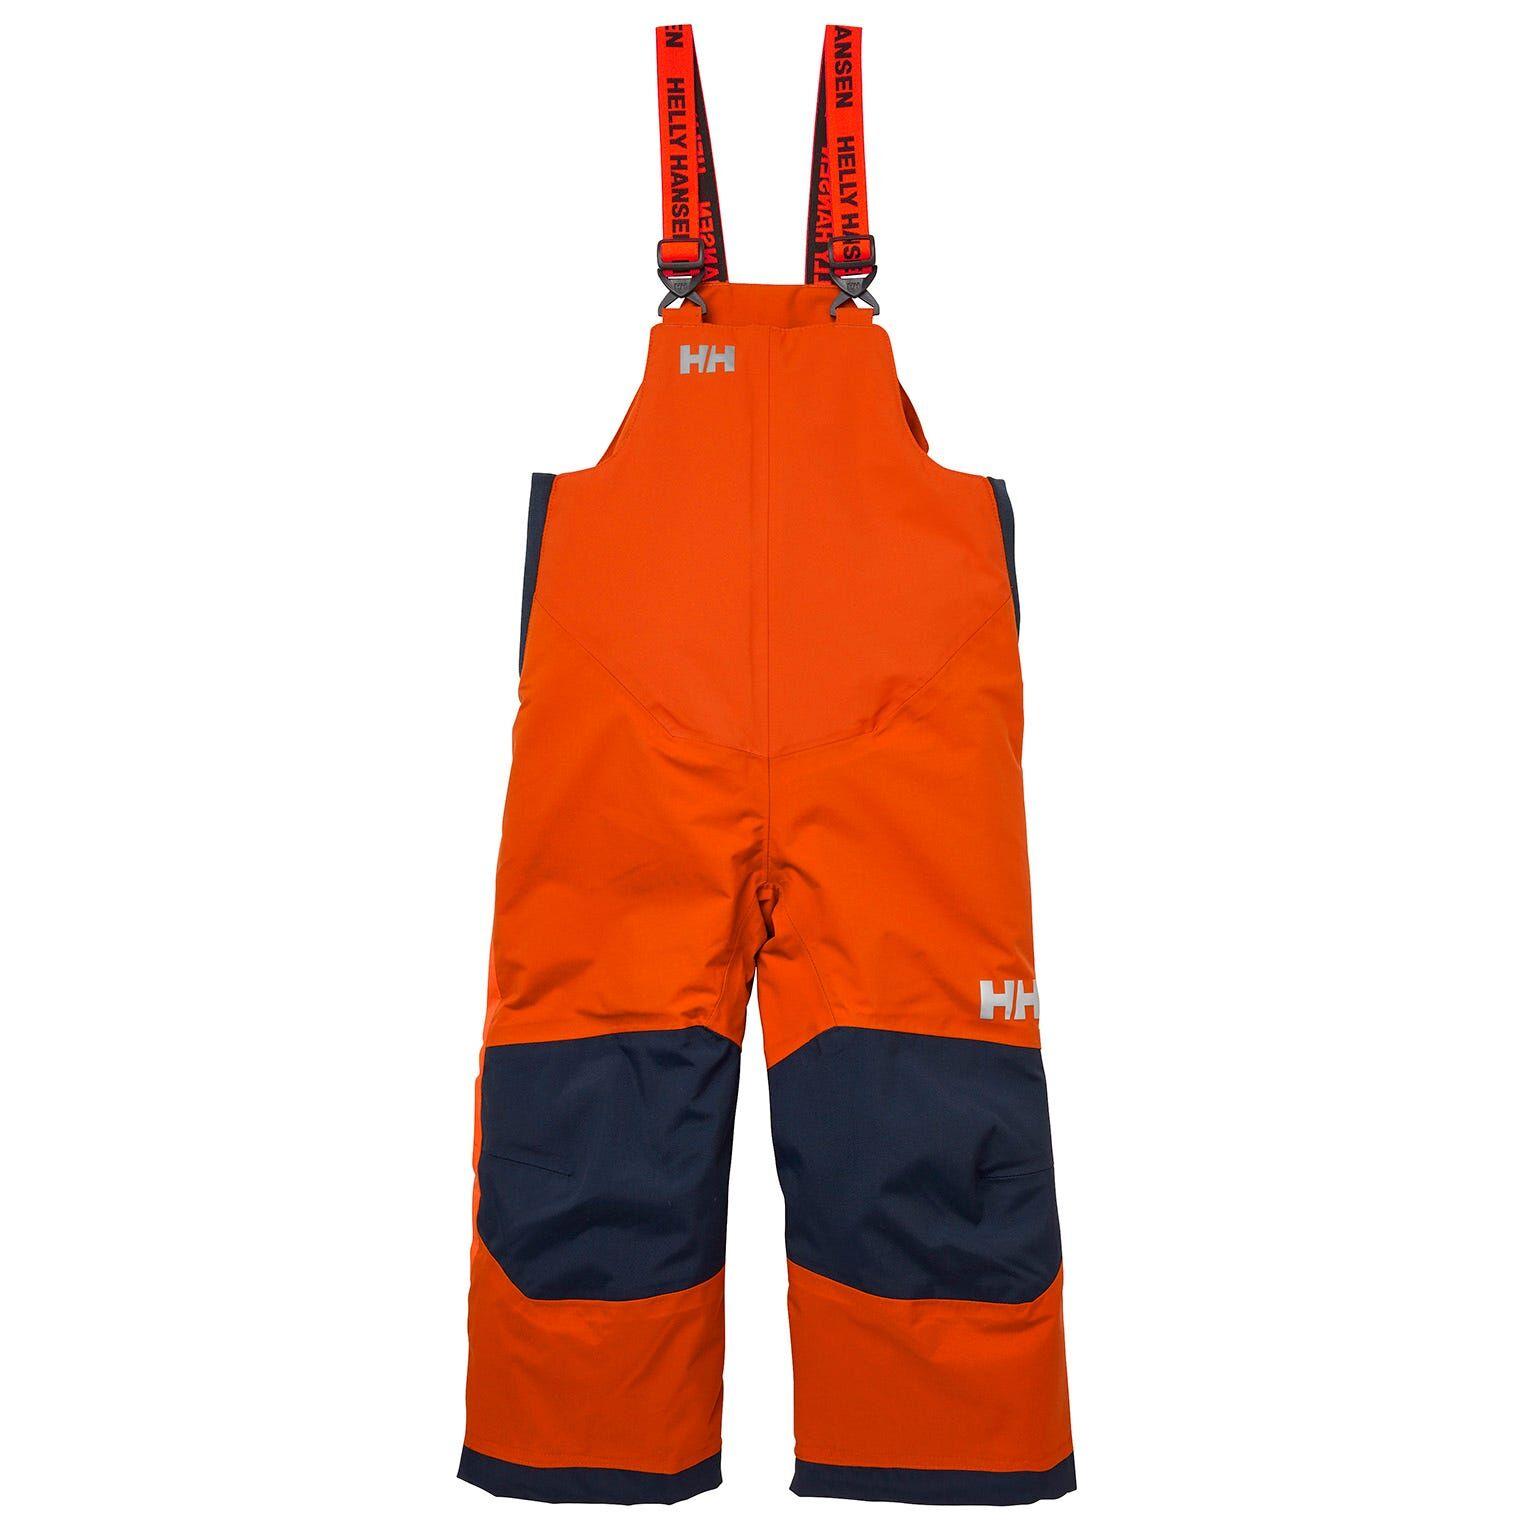 Helly Hansen Kids Rider 2 Insulated Bib Orange 110/5